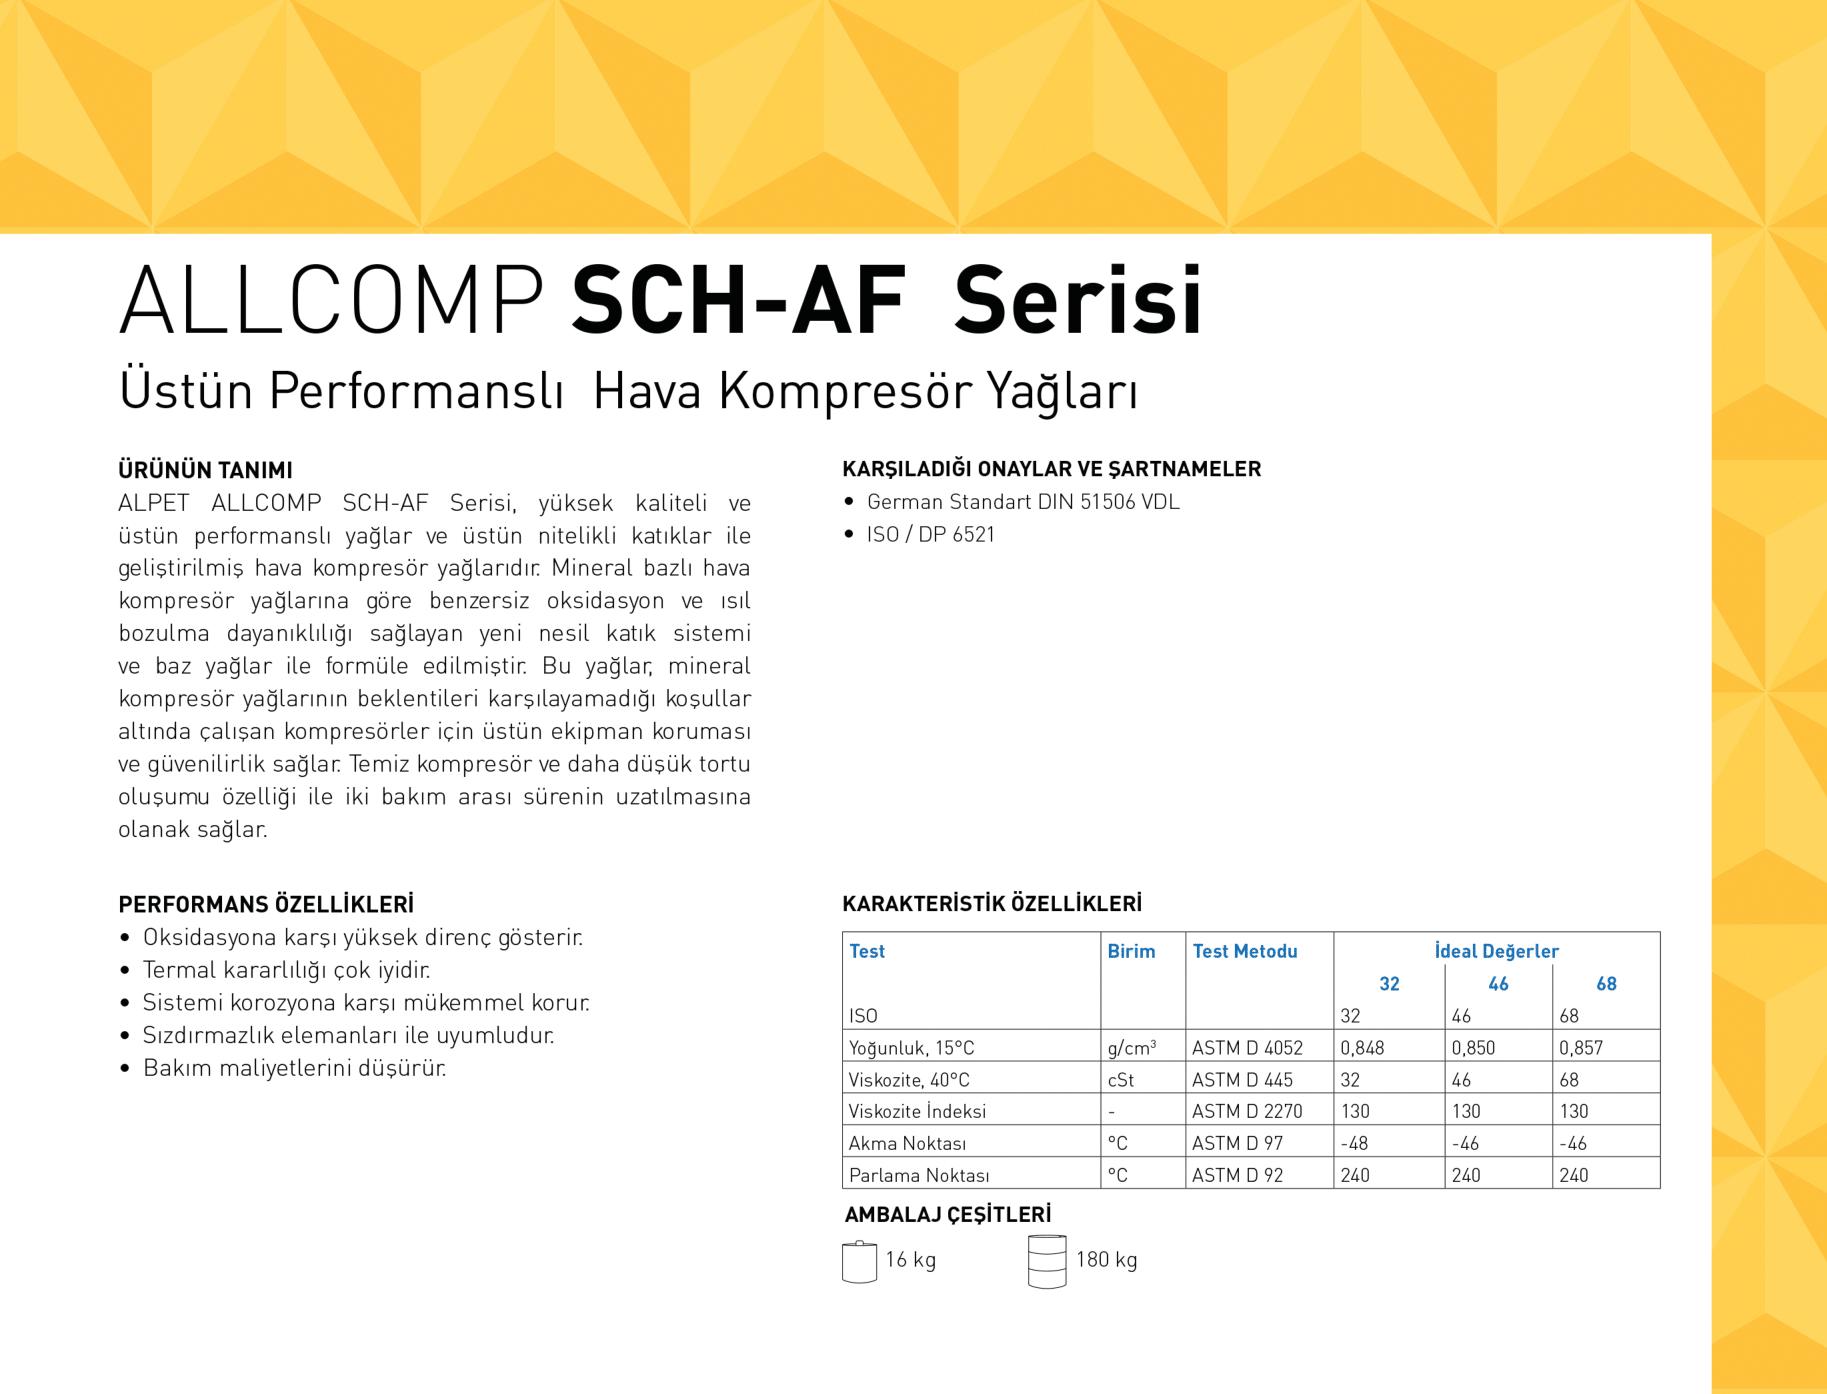 ALLCOMP SCH-AF Serisi